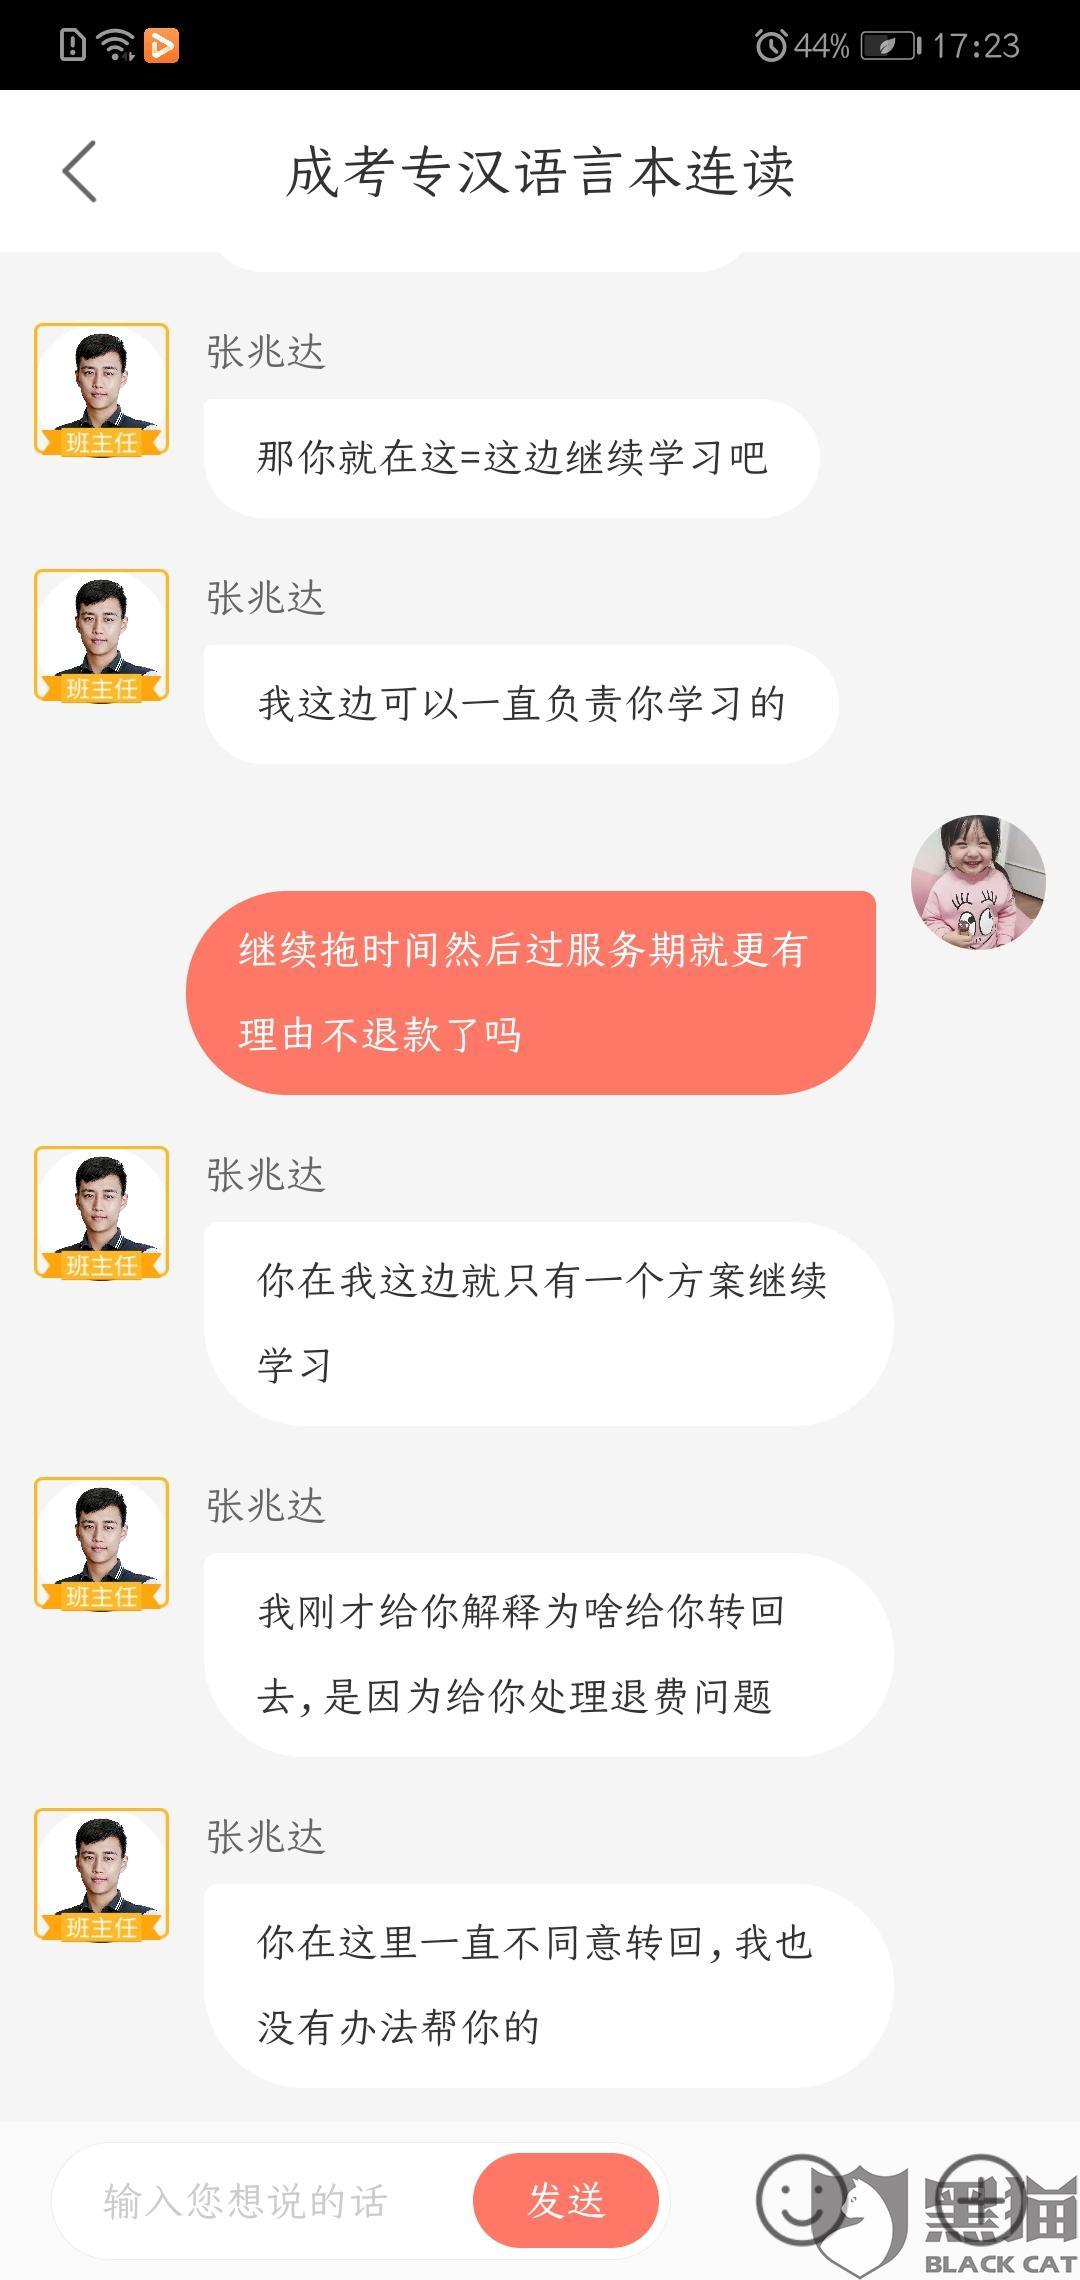 黑猫投诉:武汉尚德机构自考课程欺骗消费者,虚假宣传